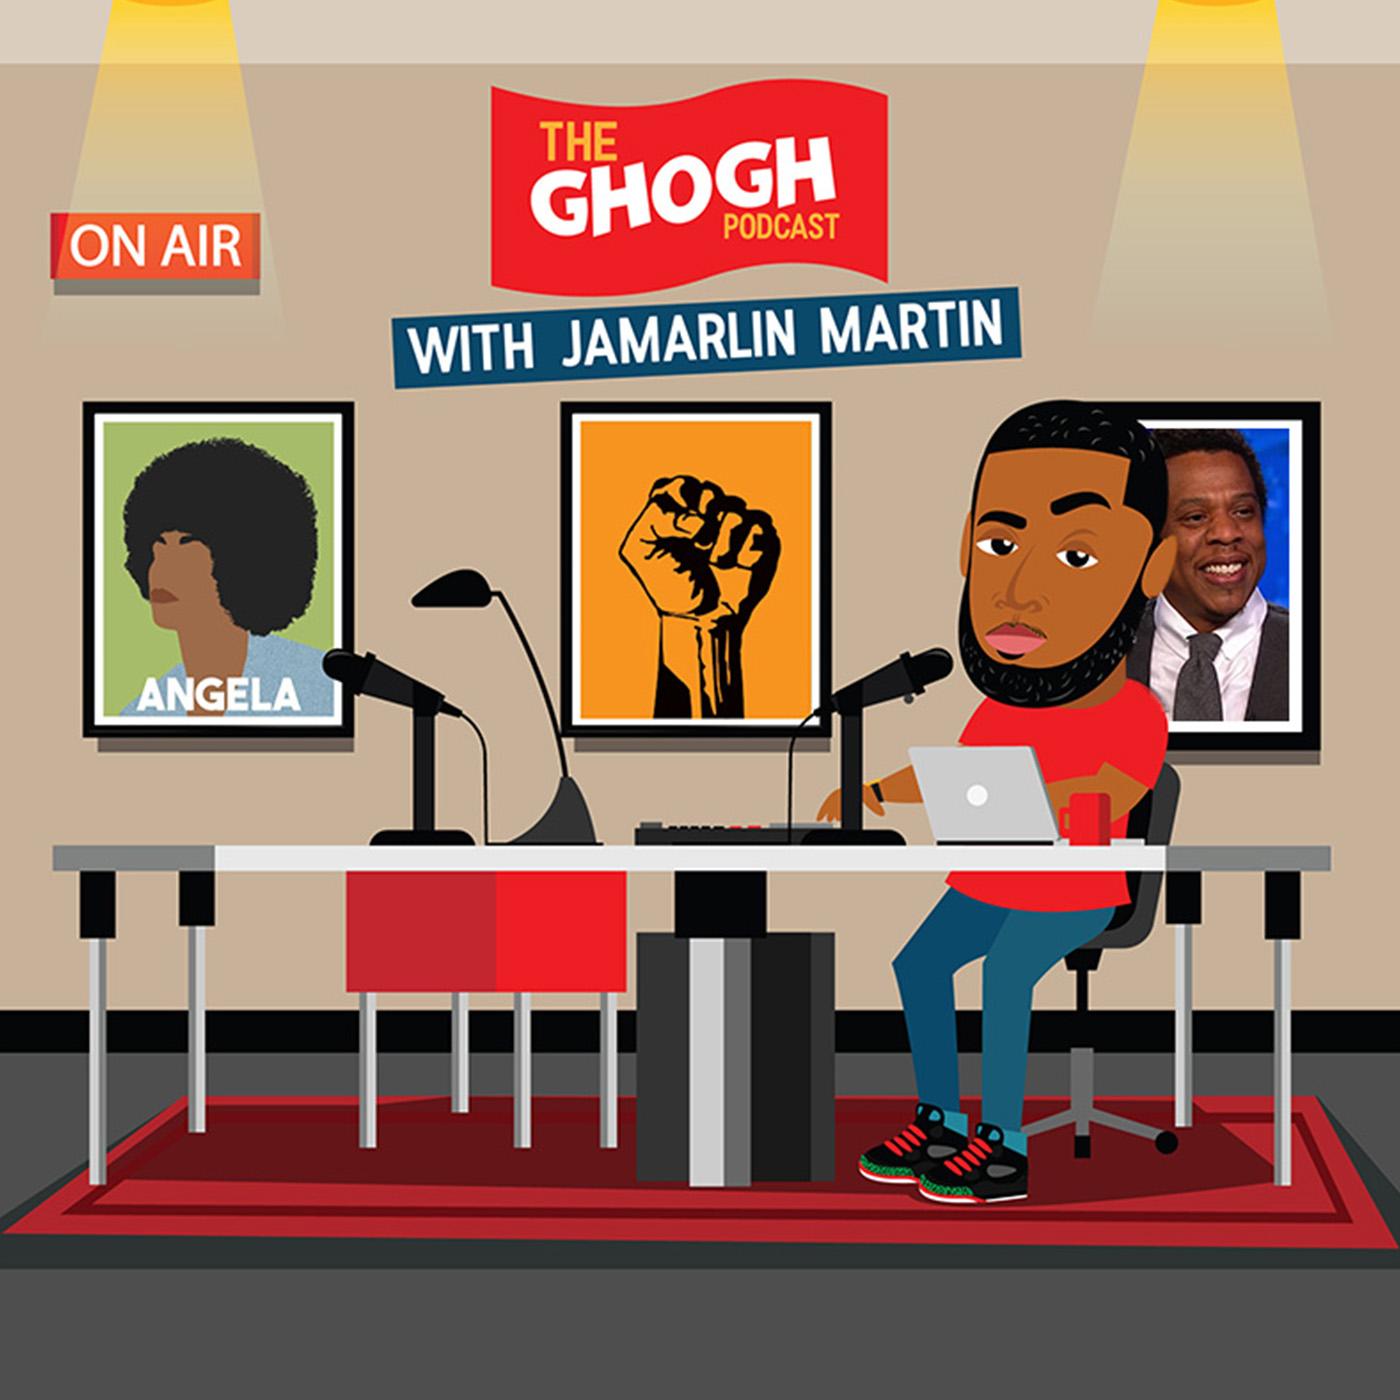 GHOGH with Jamarlin Martin show art